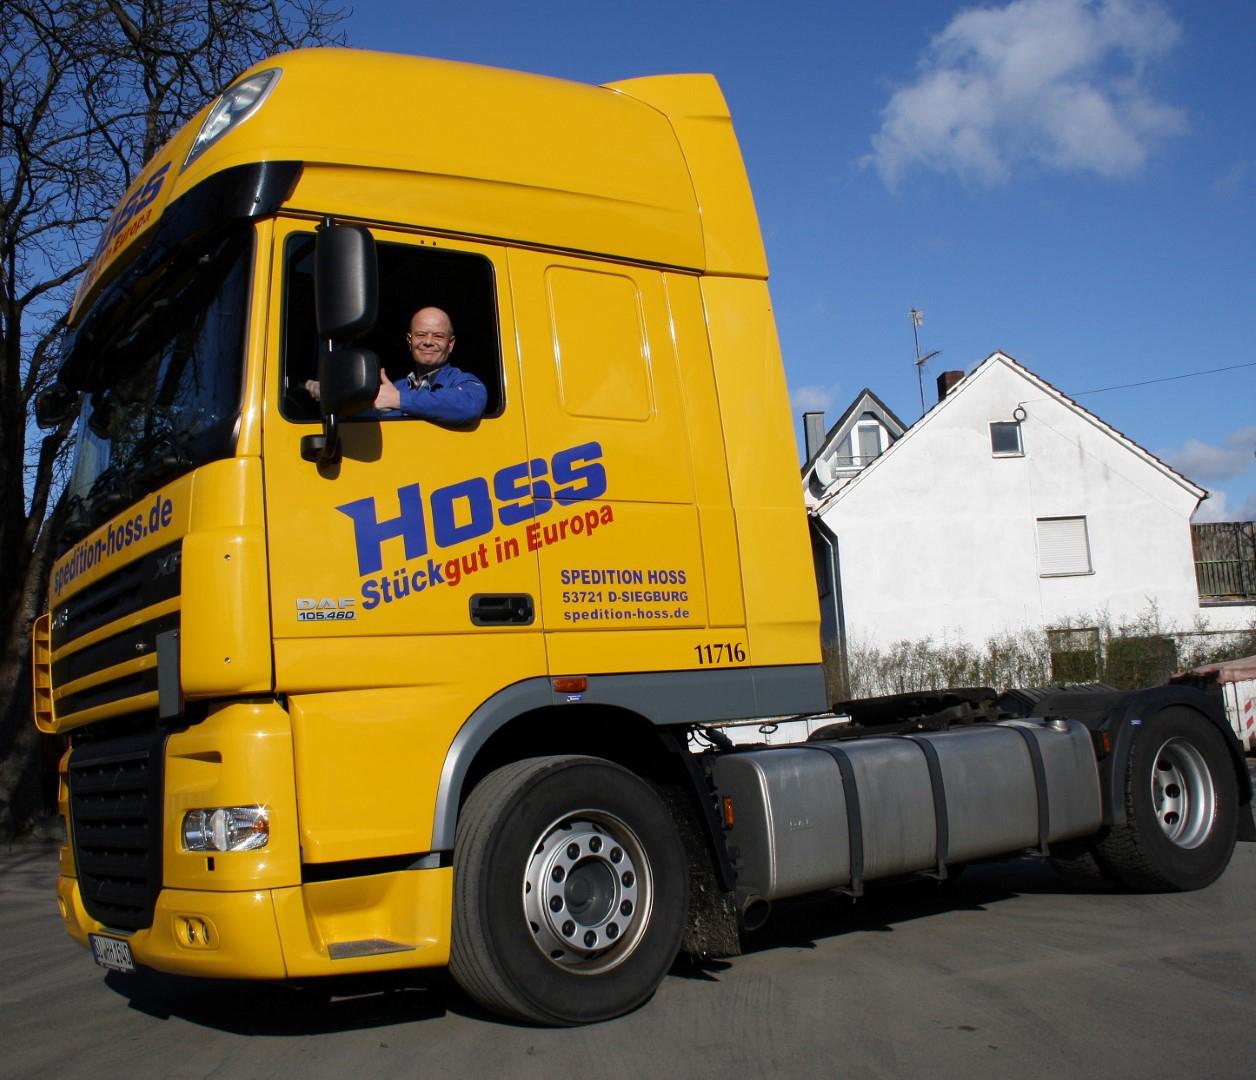 Das Bild zeigt ein Zugfahrzeug der Spedition Hoss GmbH & Co. KG